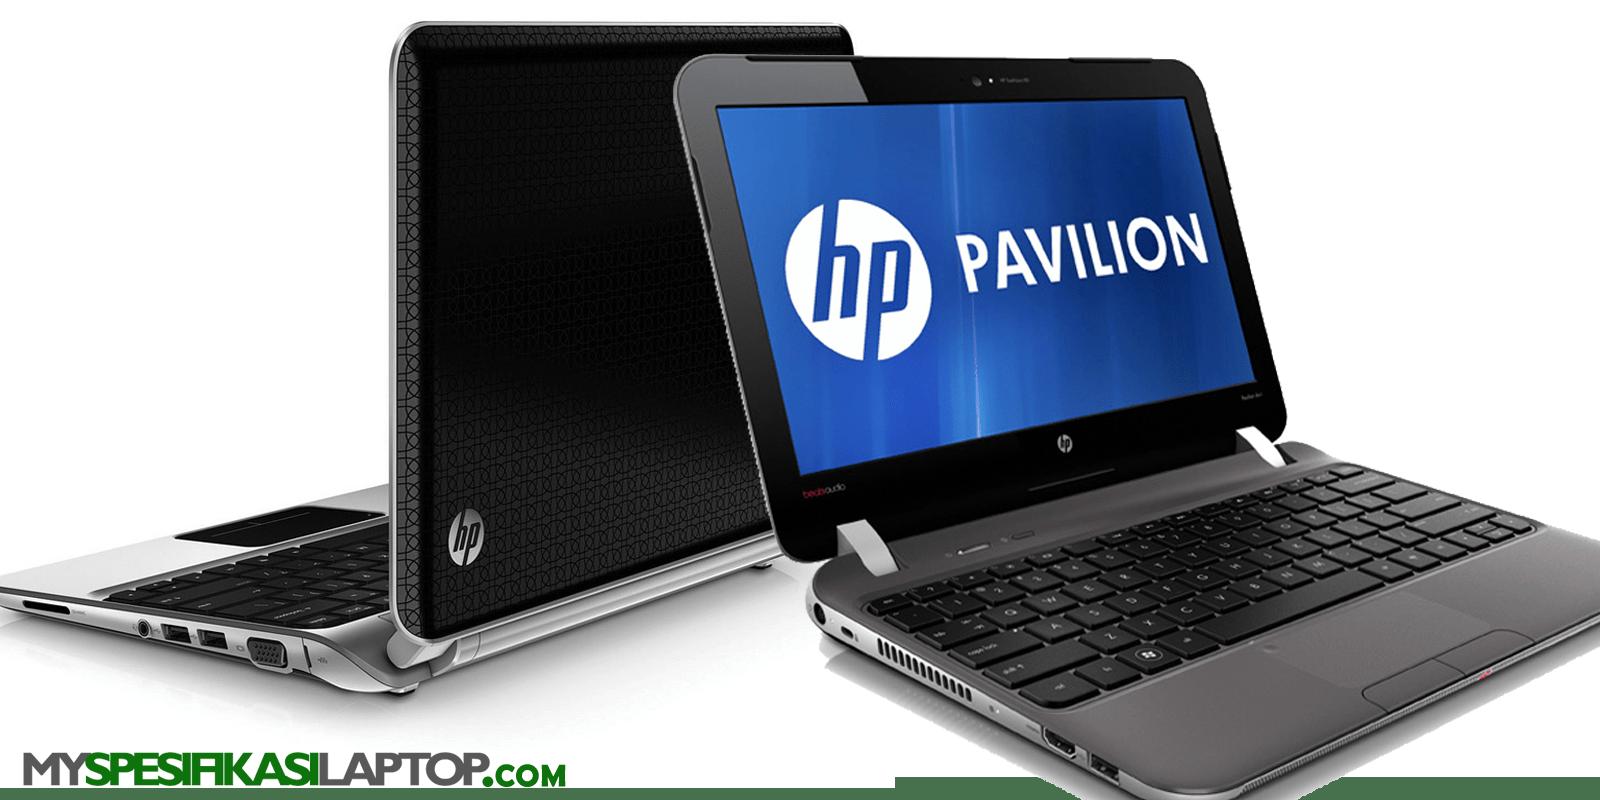 Harga-HP-Pavilion-DM1 Spesifikasi dan Harga HP Pavilion DM1 AMD 11 inch